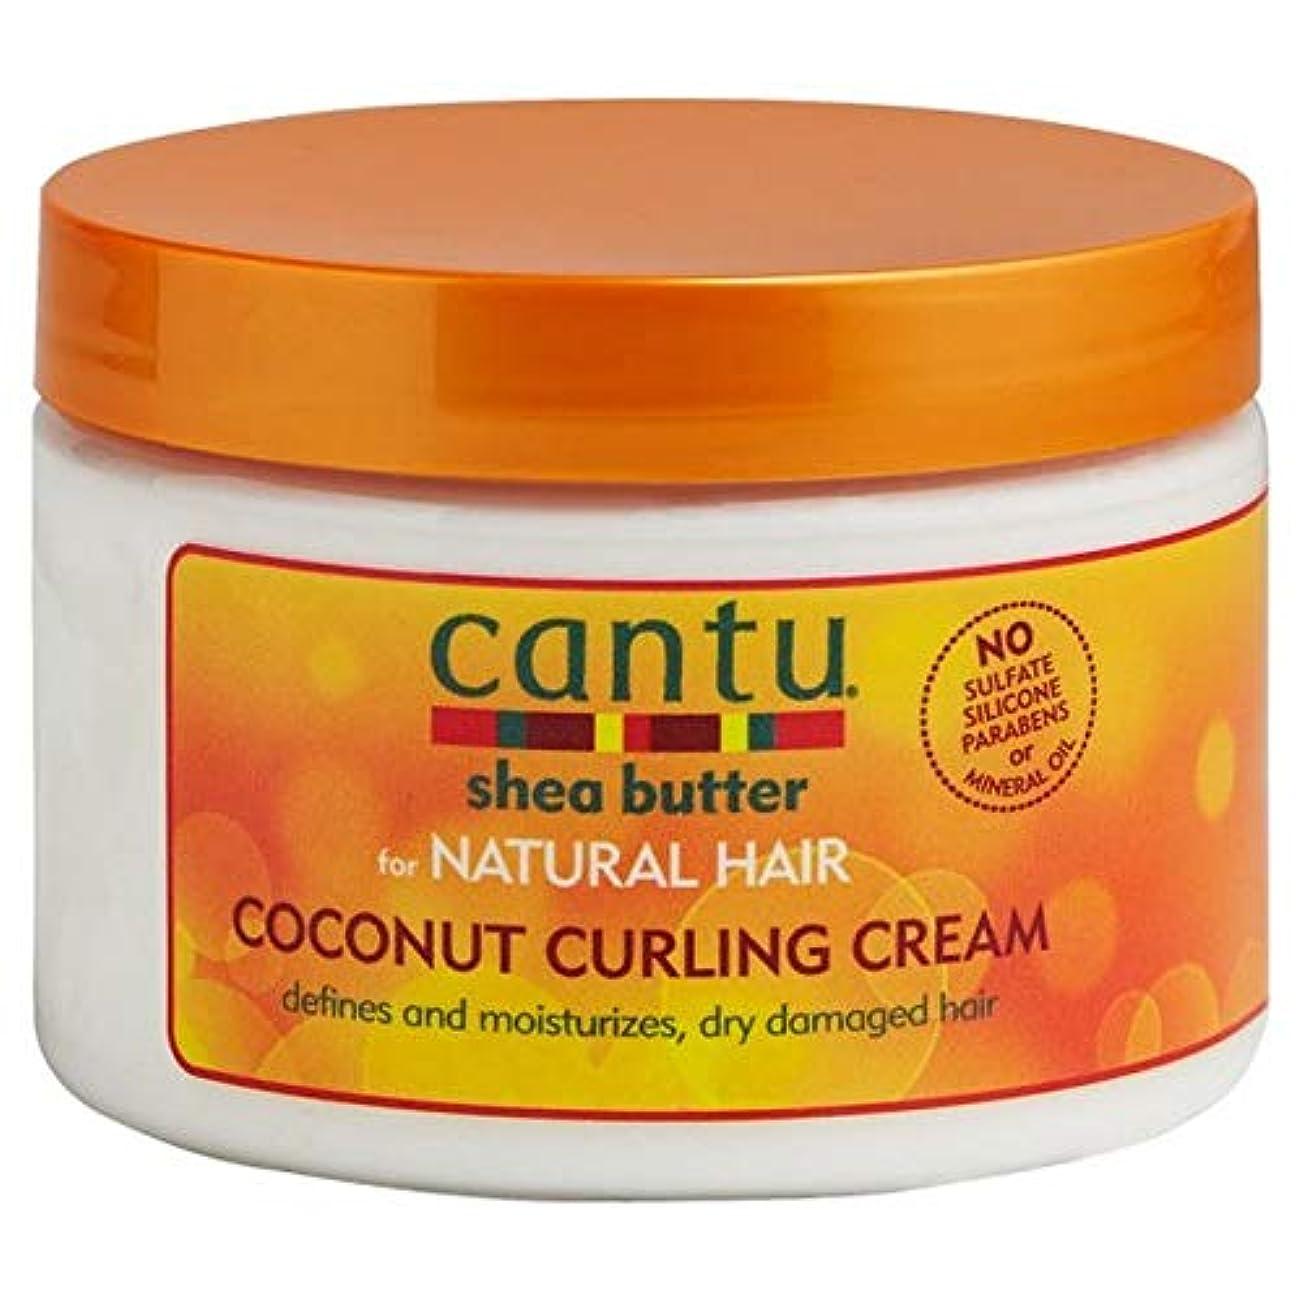 指令ナインへ可愛い[Cantu] カントゥココナッツカーリングクリーム340グラム - Cantu Coconut Curling Cream 340G [並行輸入品]